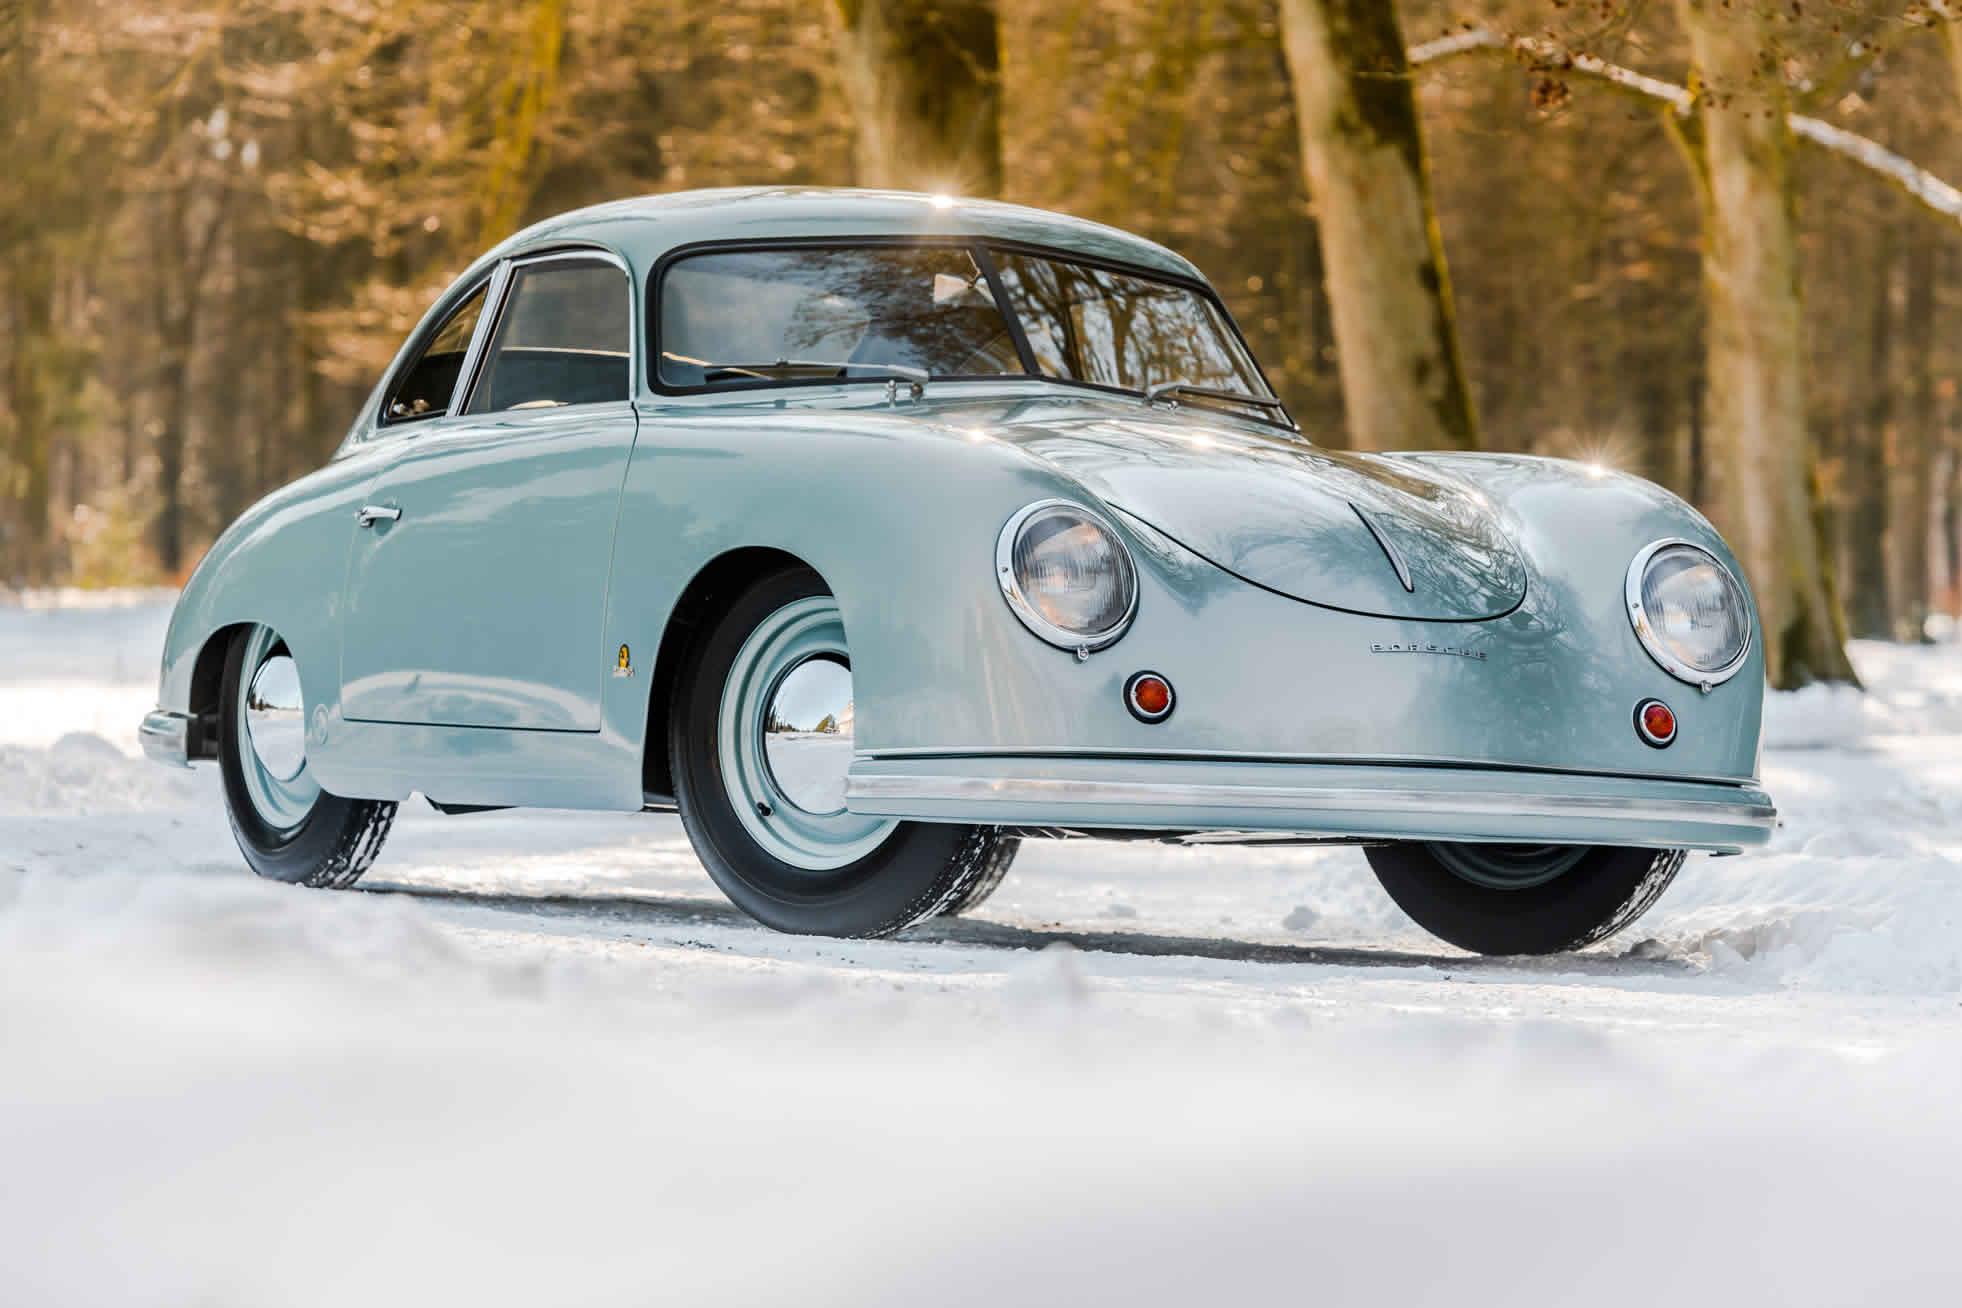 For sale an extremely rare 1951 Porsche 356